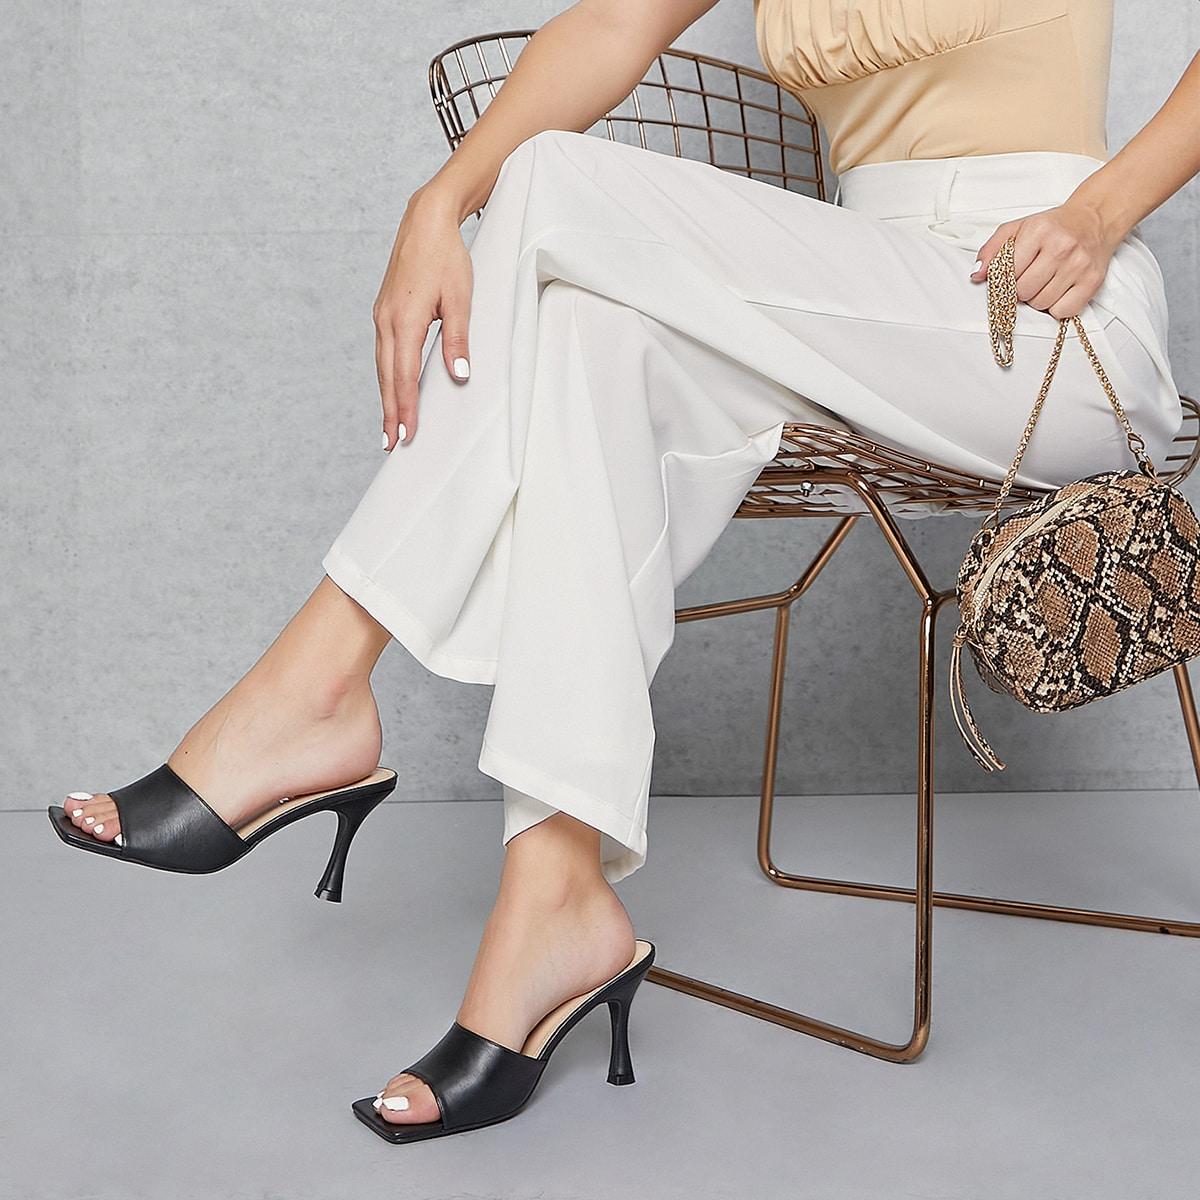 Туфли на шпильках из искусственной кожи